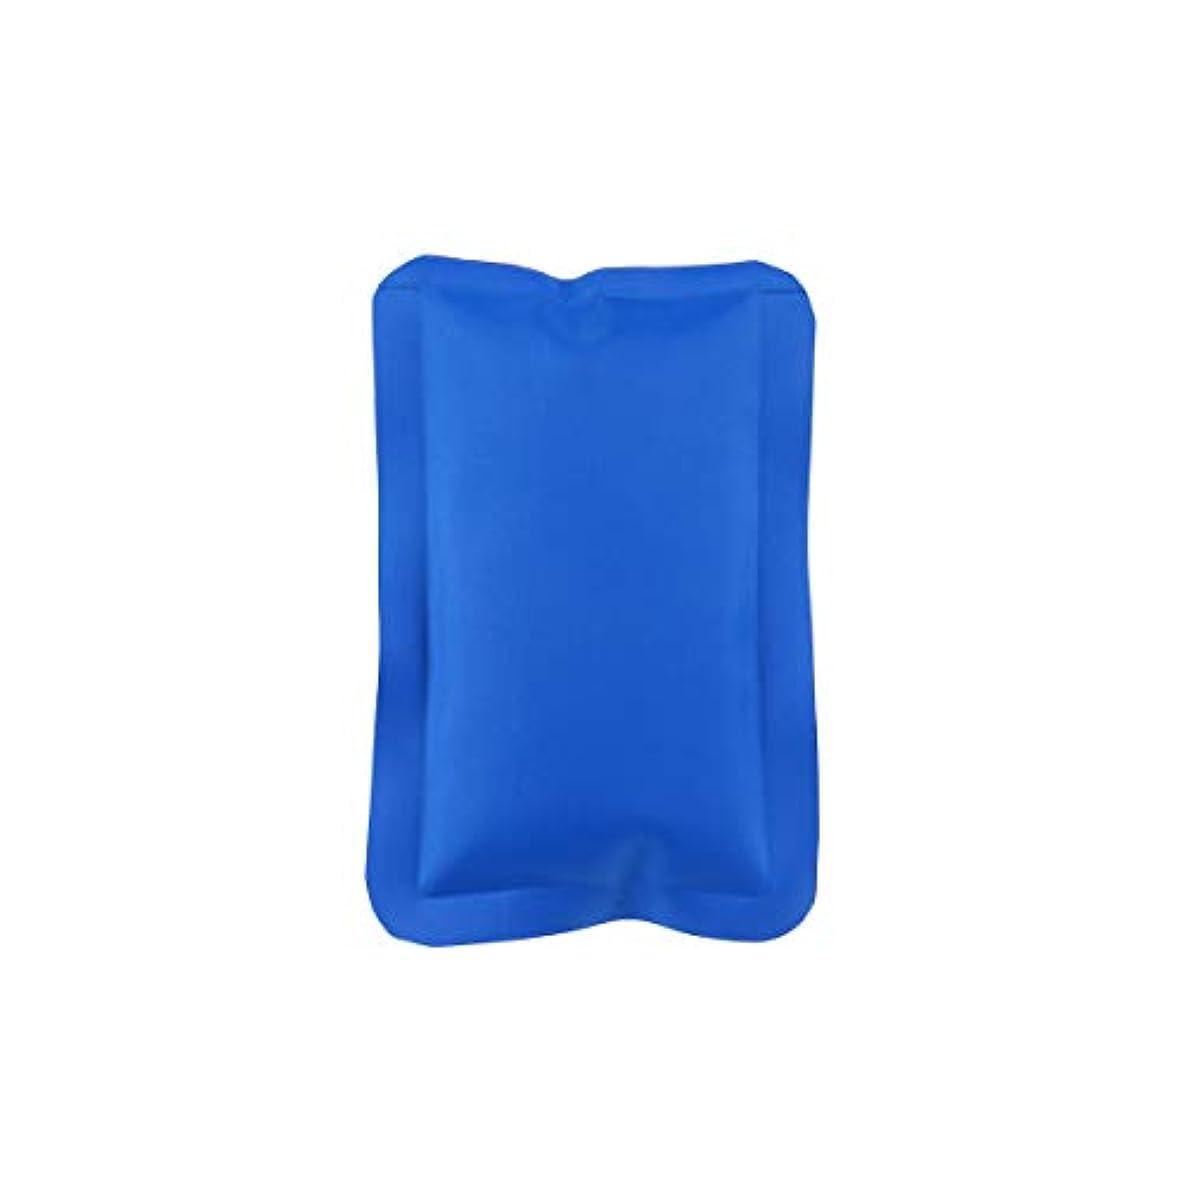 発揮するビリーヤギ可塑性HEALLILY 150ML再利用可能なホット&コールドジェルパック(コンプレッションラップスポーツ傷害)ジェルアイスパック多目的ヒートパック(マッスルリリーフ用、16x10x1cm、ブルー)